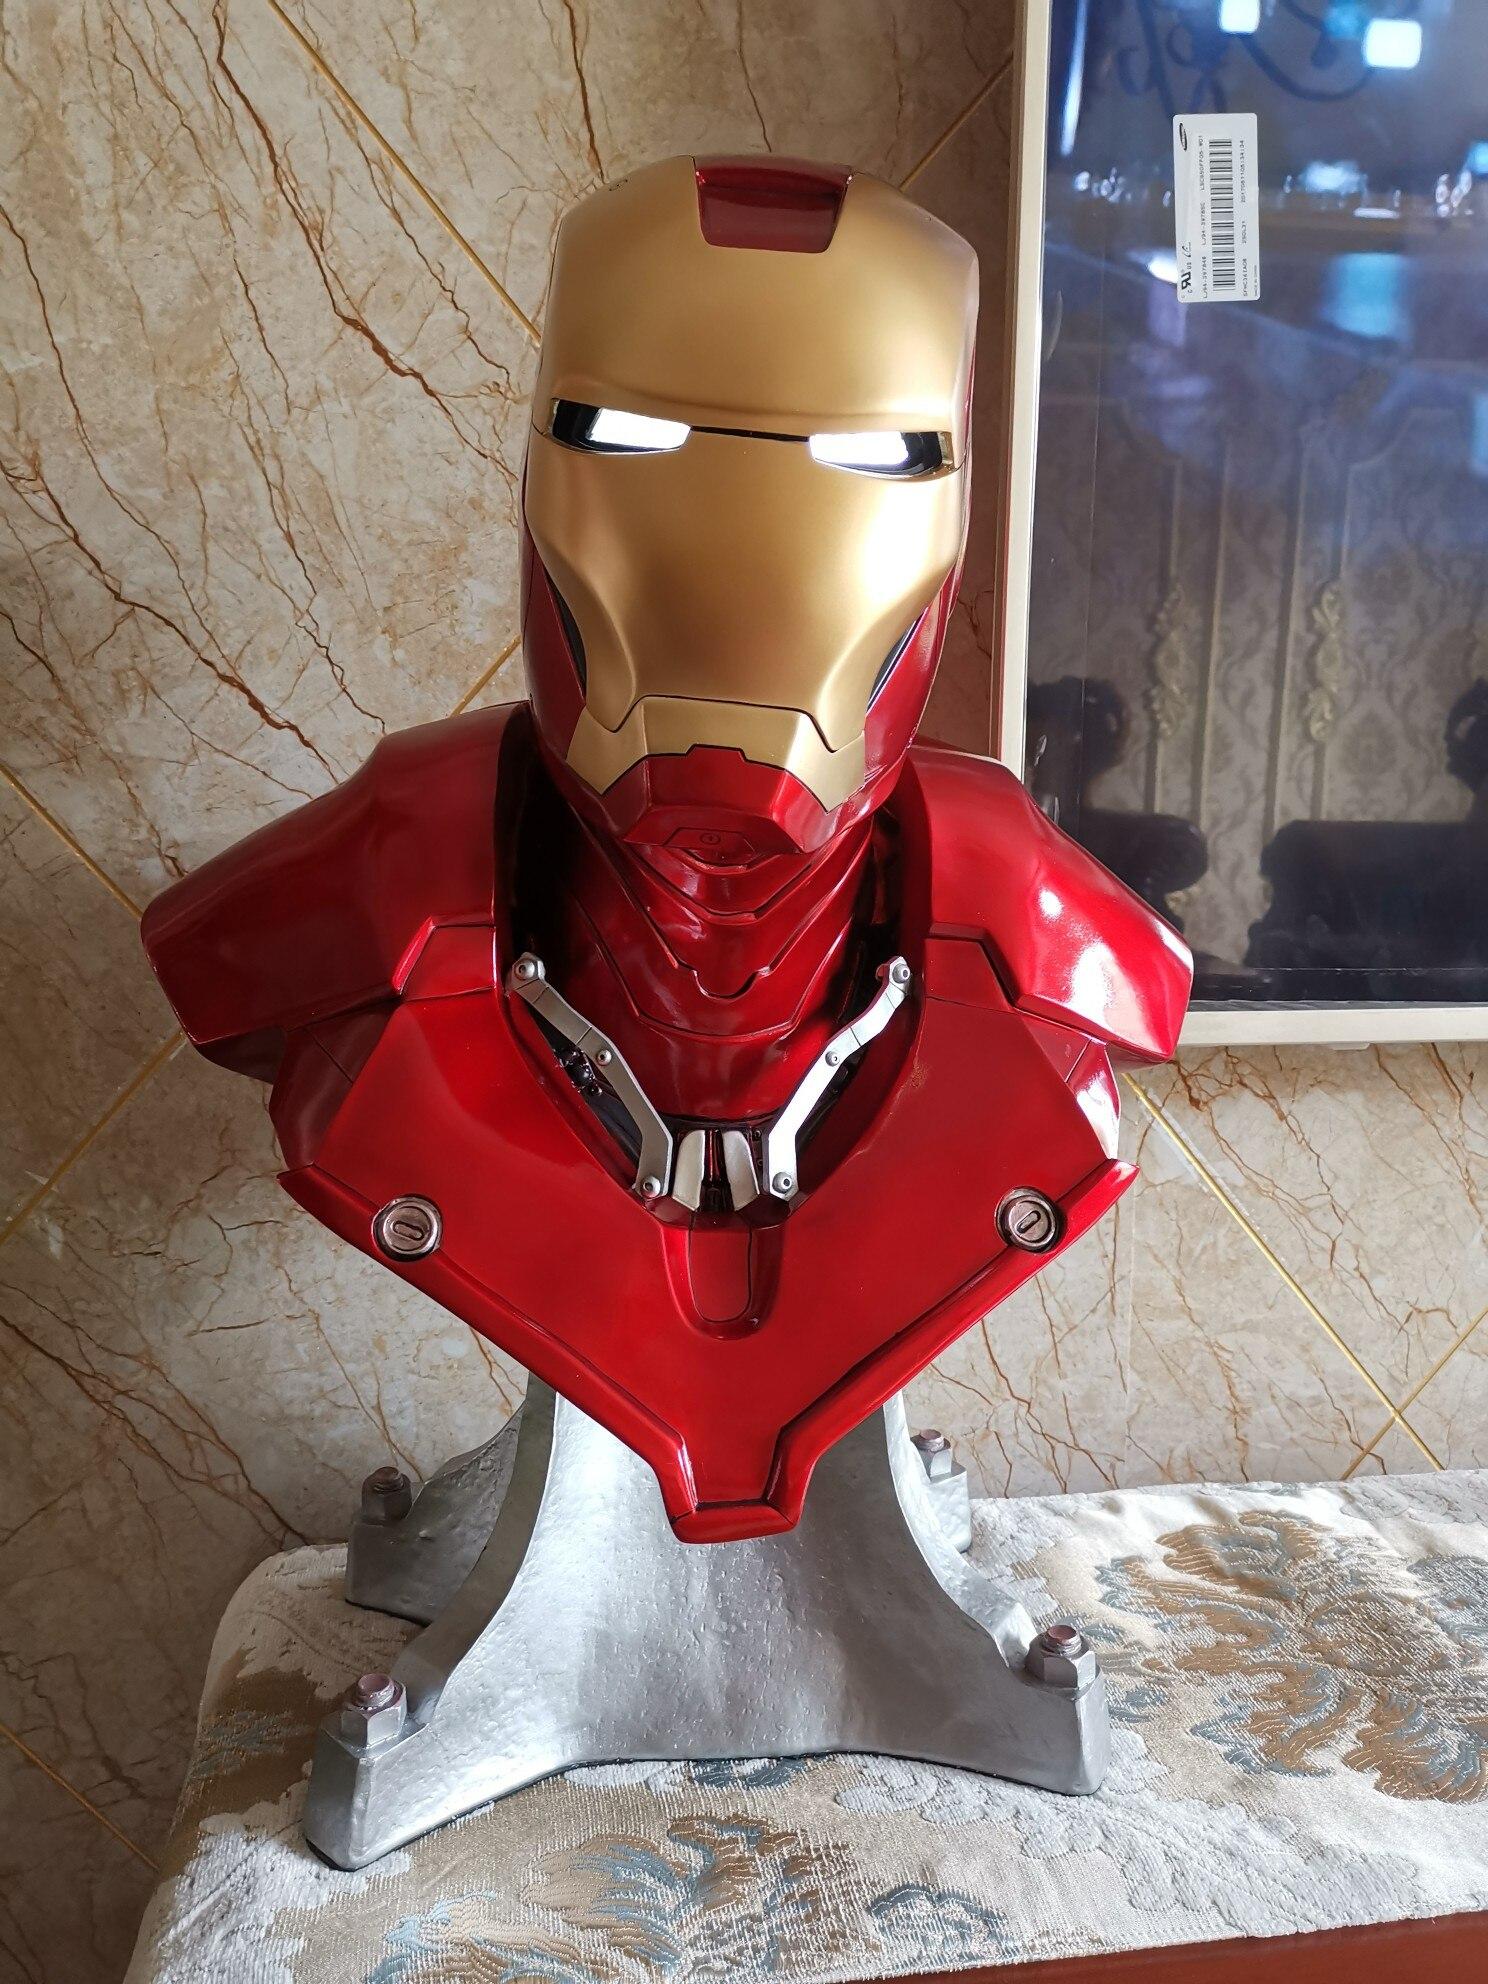 Бюст Железный Человек Марвел МК3 Светодиодный - h33e0bc337c224884b0fdbc87cf9d6a6em